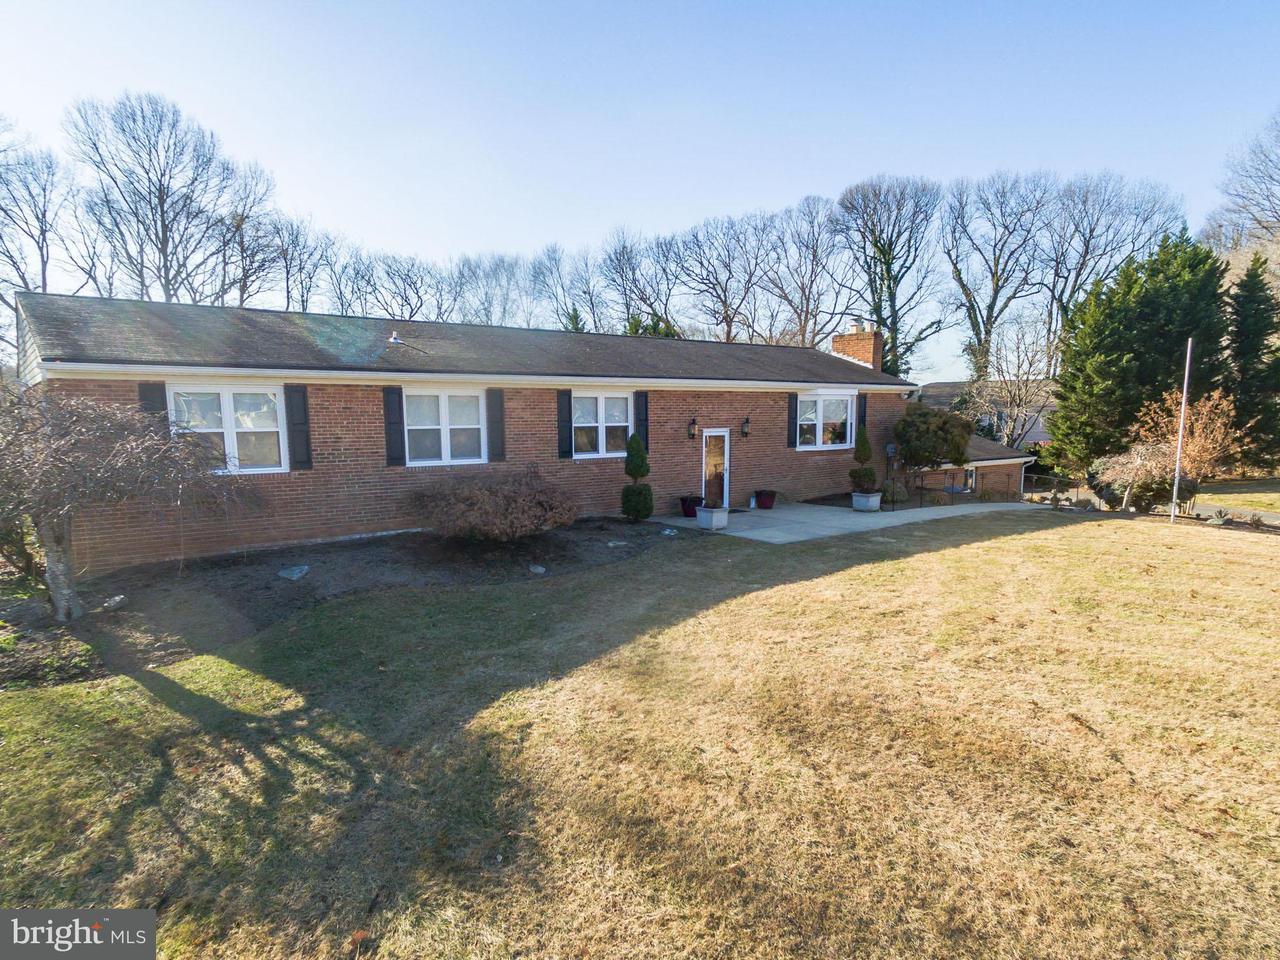 Casa Unifamiliar por un Venta en 11802 Rivershore Drive 11802 Rivershore Drive Dunkirk, Maryland 20754 Estados Unidos